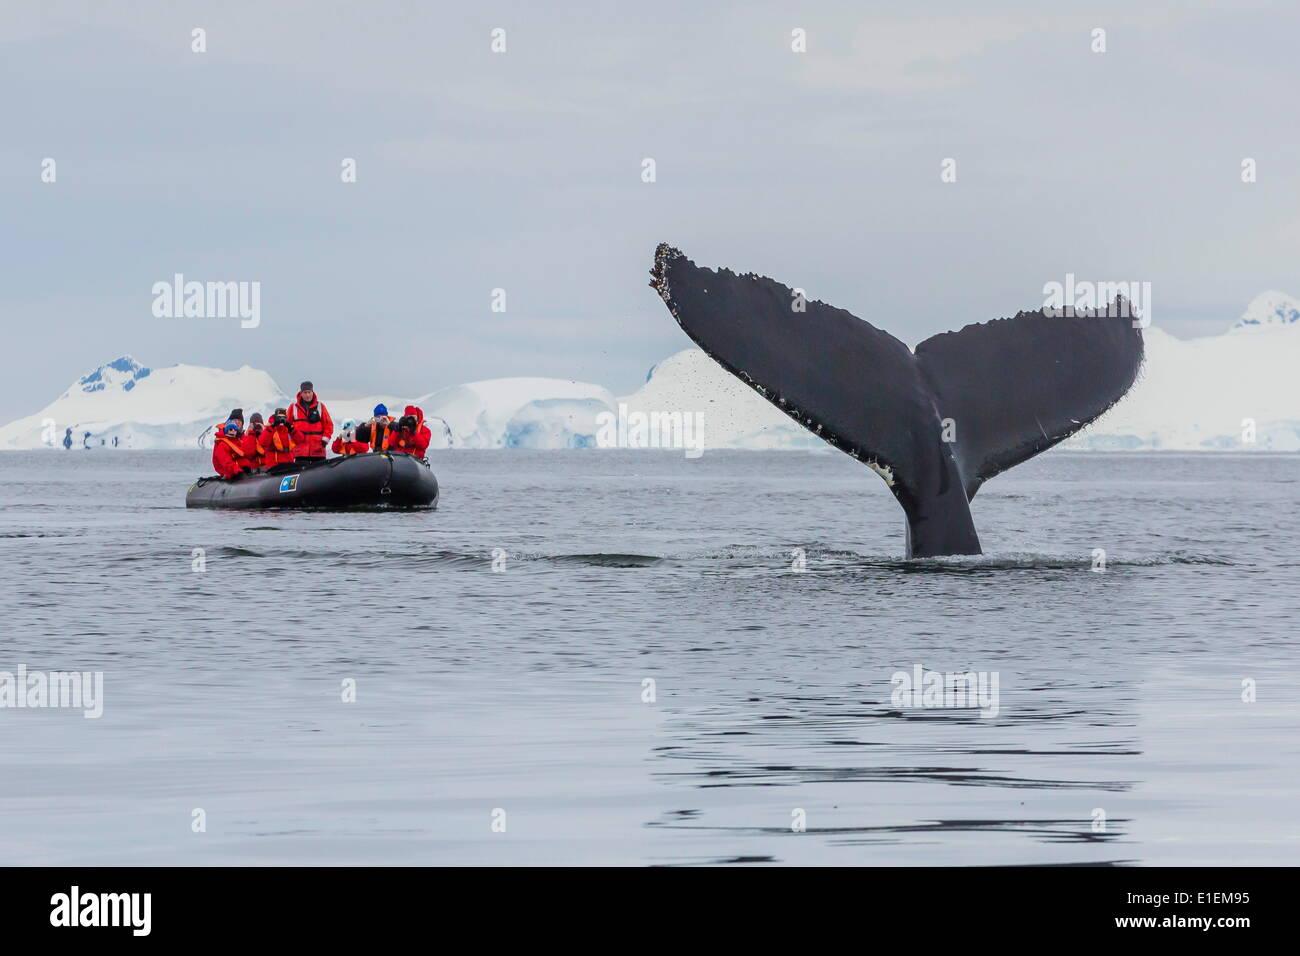 La ballena jorobada (Megaptera novaeangliae), zanjas de bucear cerca de observadores de ballenas en las Islas de la empresa, la Antártica, regiones polares Foto de stock